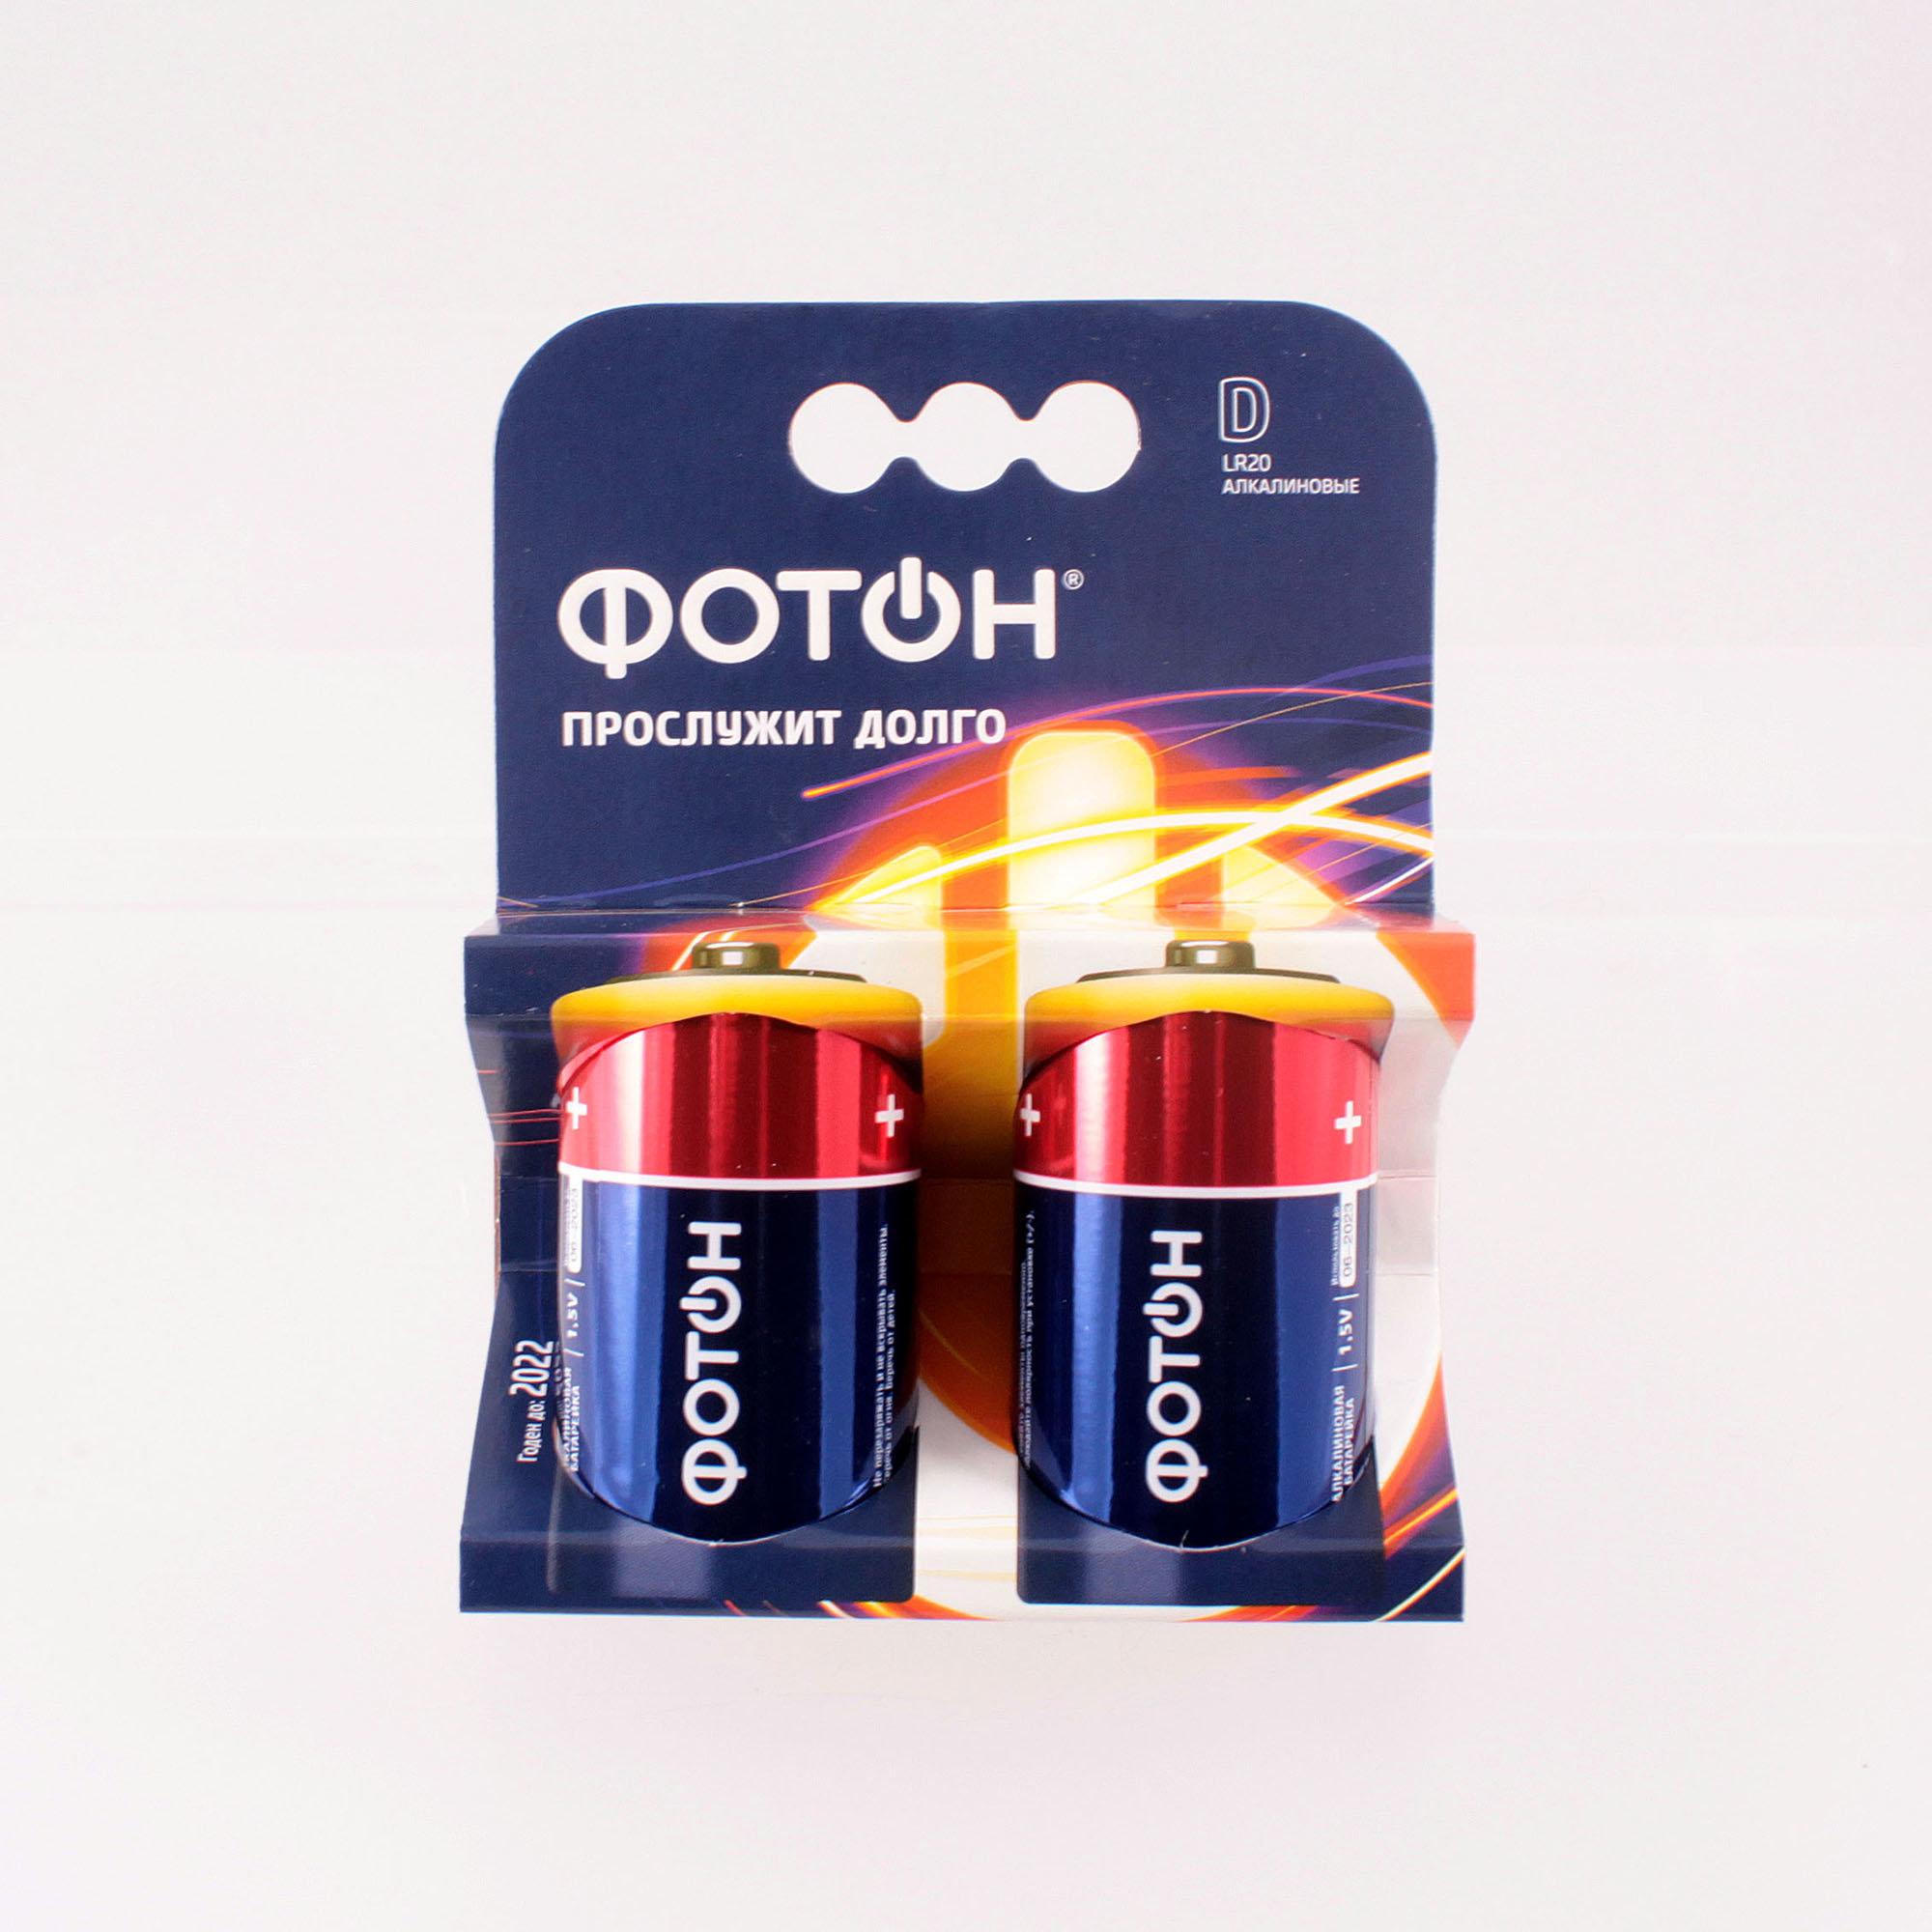 батарейки купить в москве